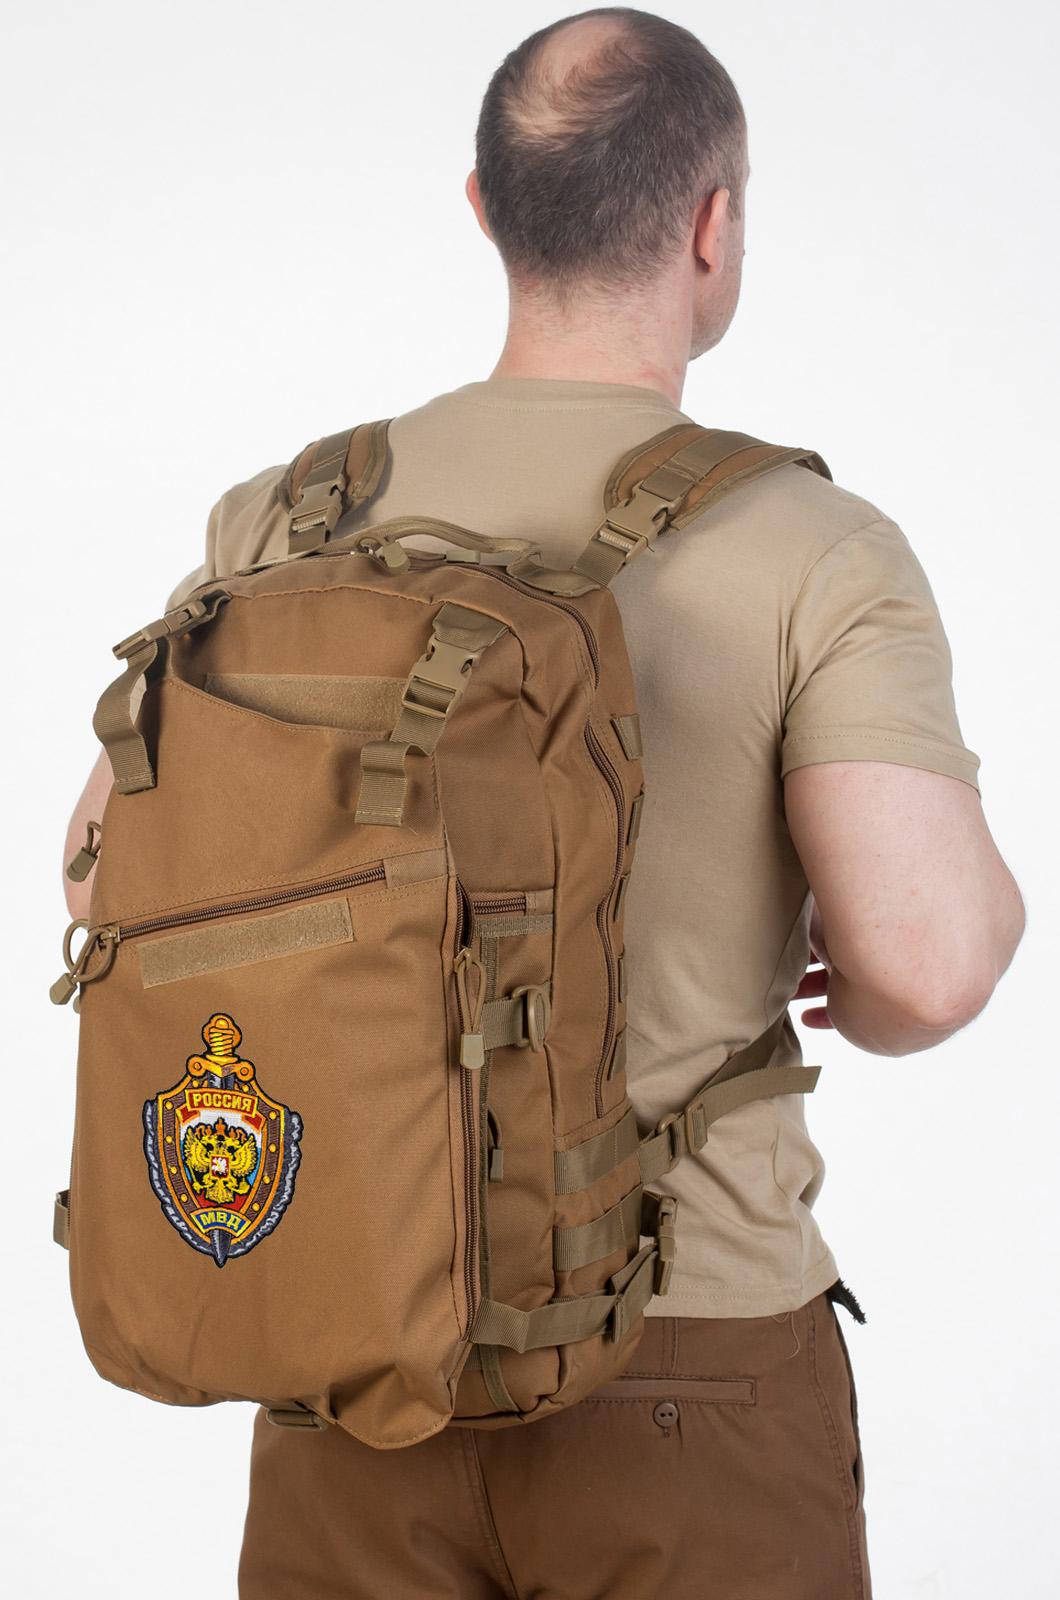 Рейдовый рюкзак хаки-песочный с эмблемой МВД заказать в Военпро